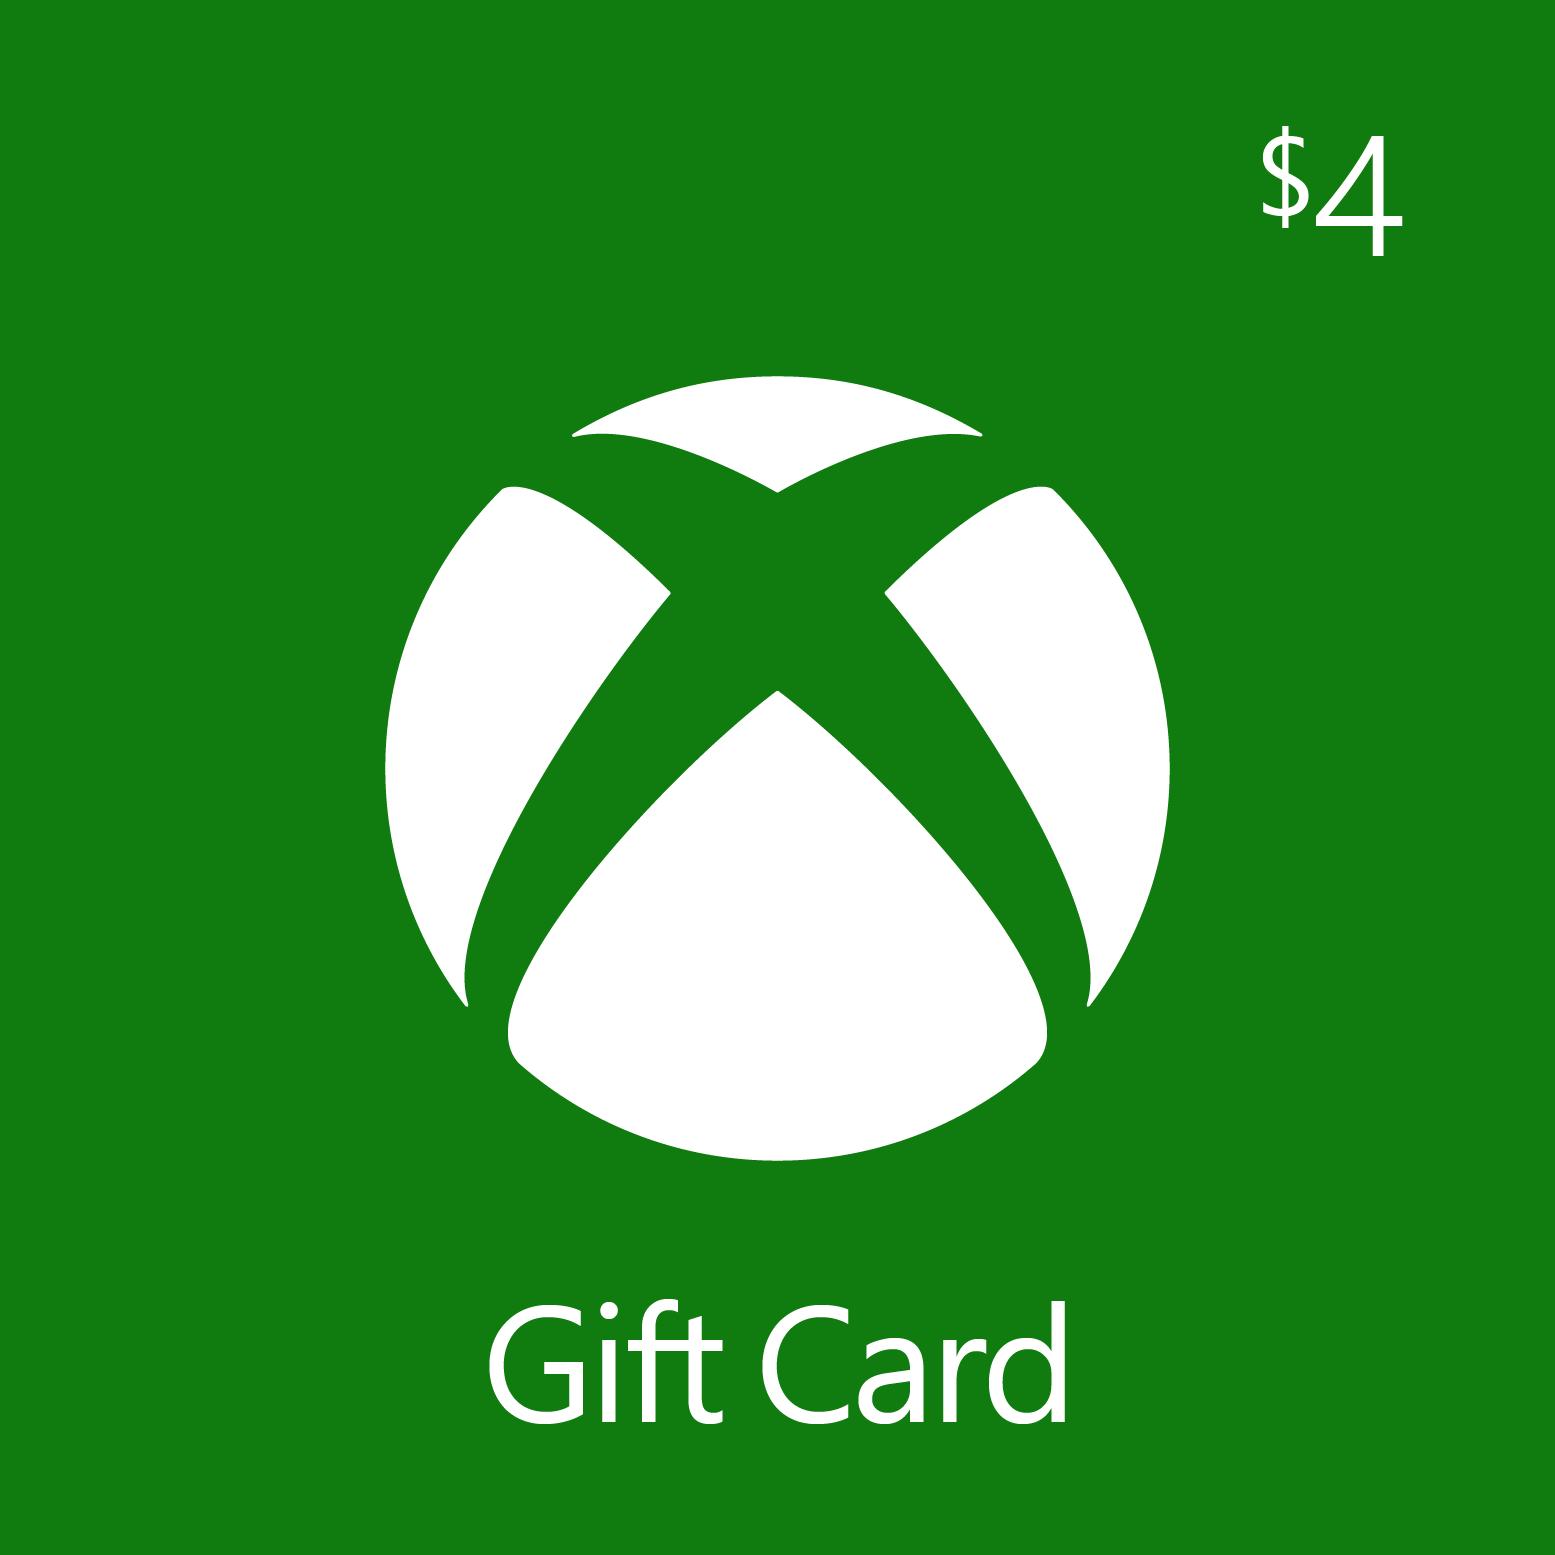 $4.00 Xbox Digital Gift Card